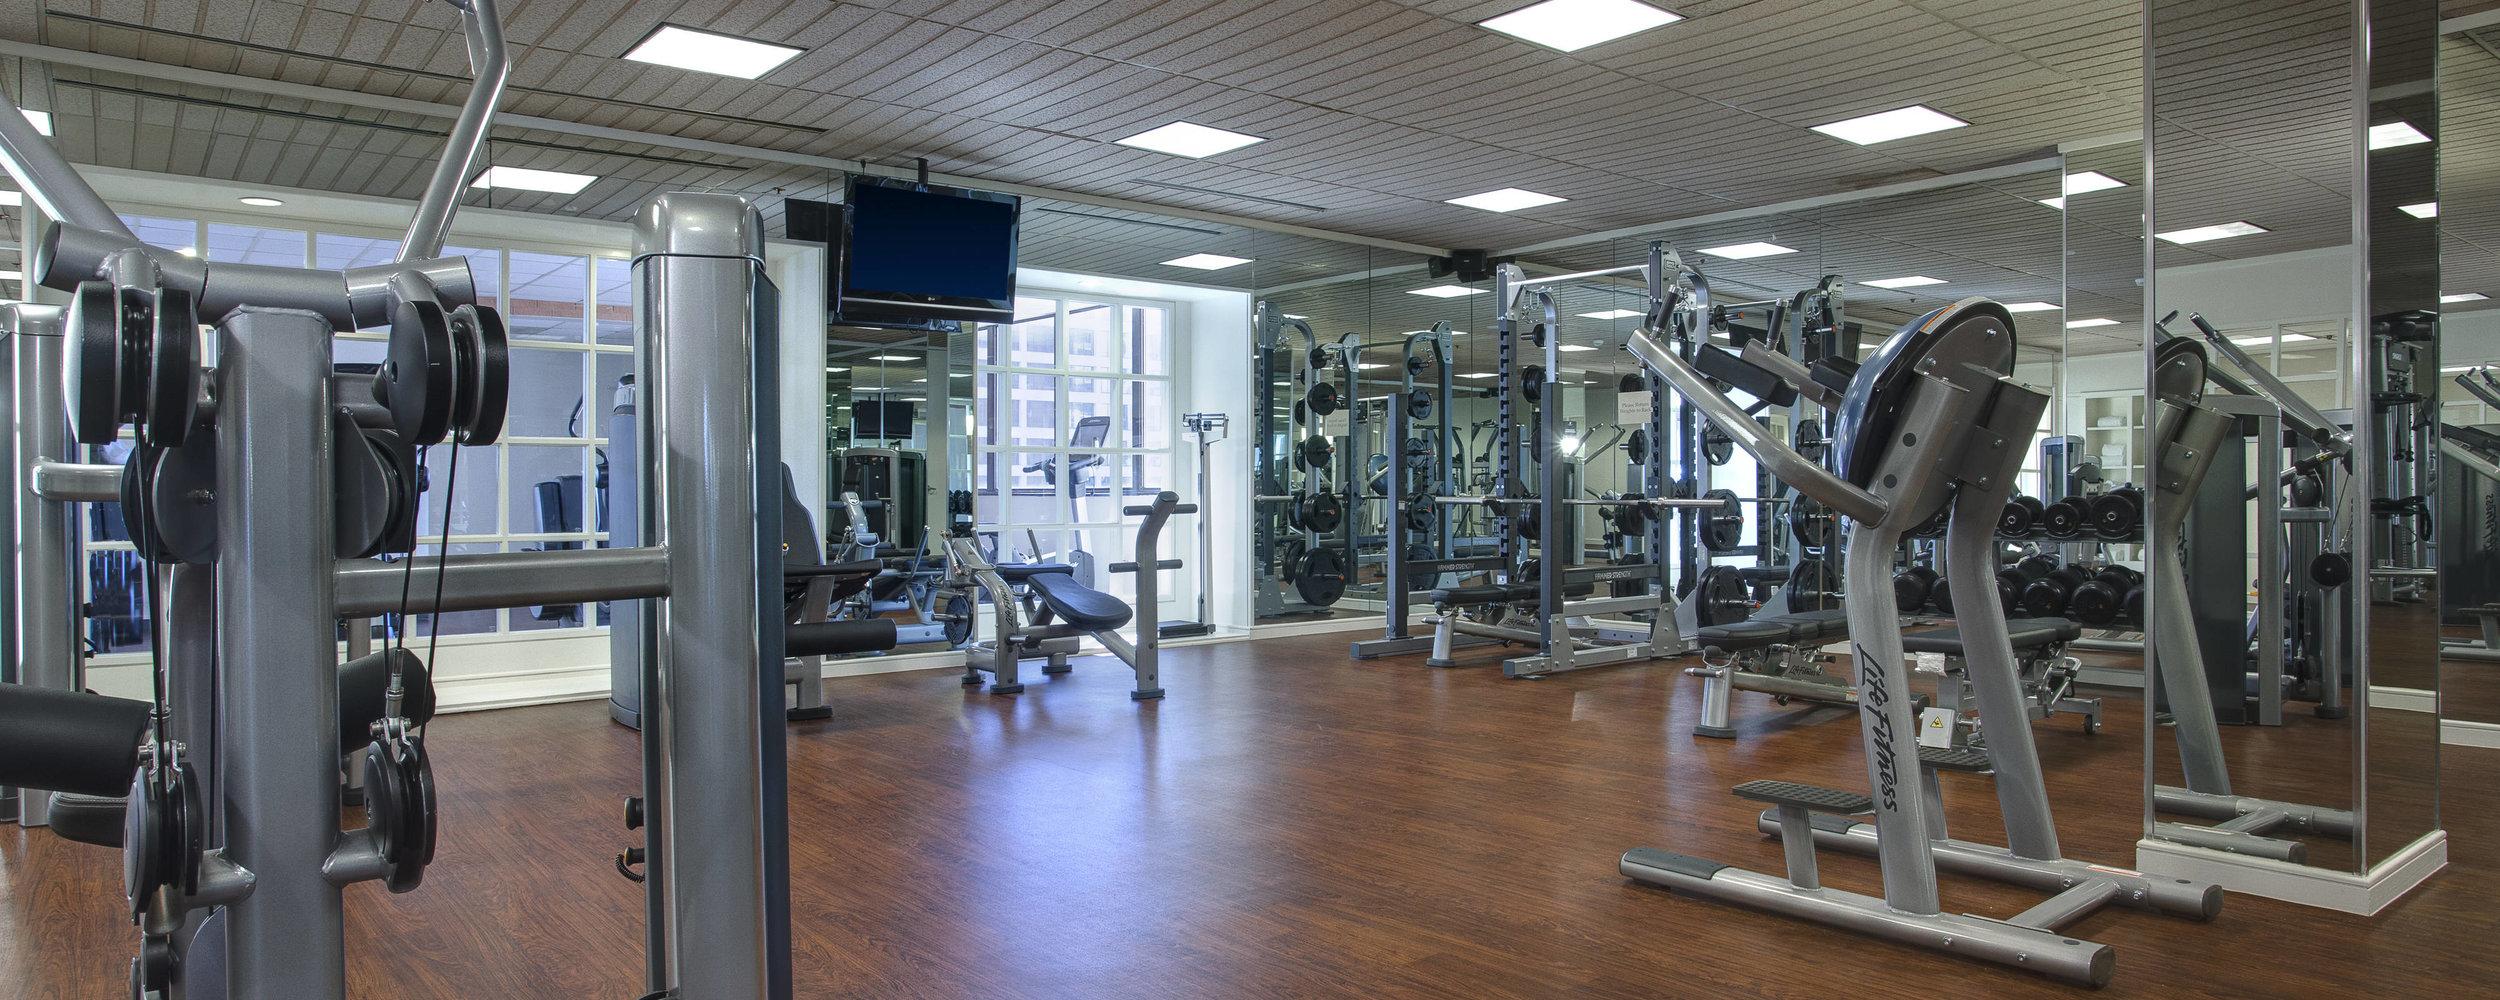 houjw-fitness-0084-hor-feat.jpg